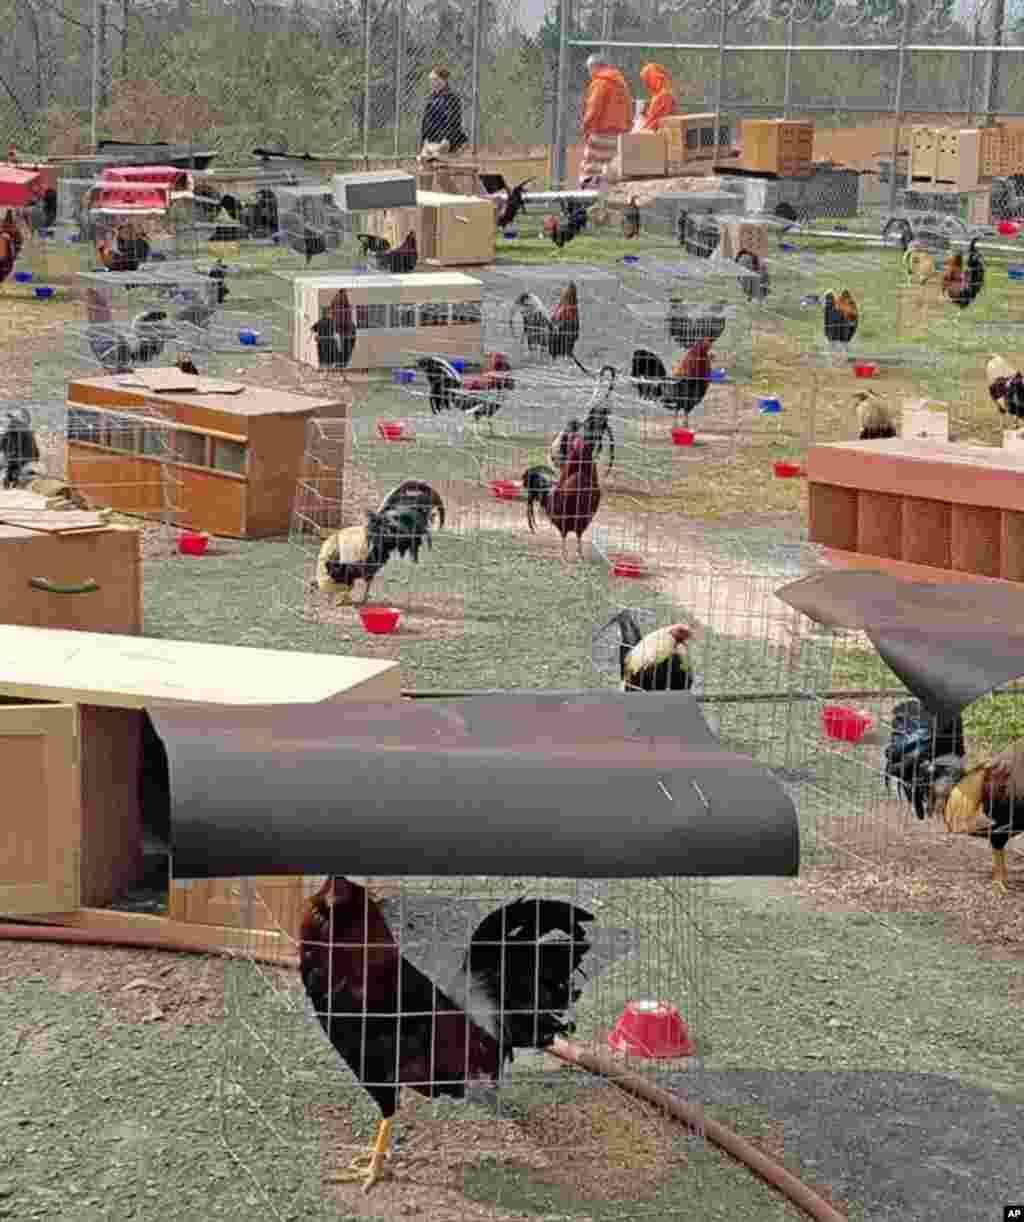 美国阿肯色州塞维尔县警长办公室提供的照片显示,在2018年3月17日,警察在一场斗鸡比赛中没收了200只公鸡(roosters)。